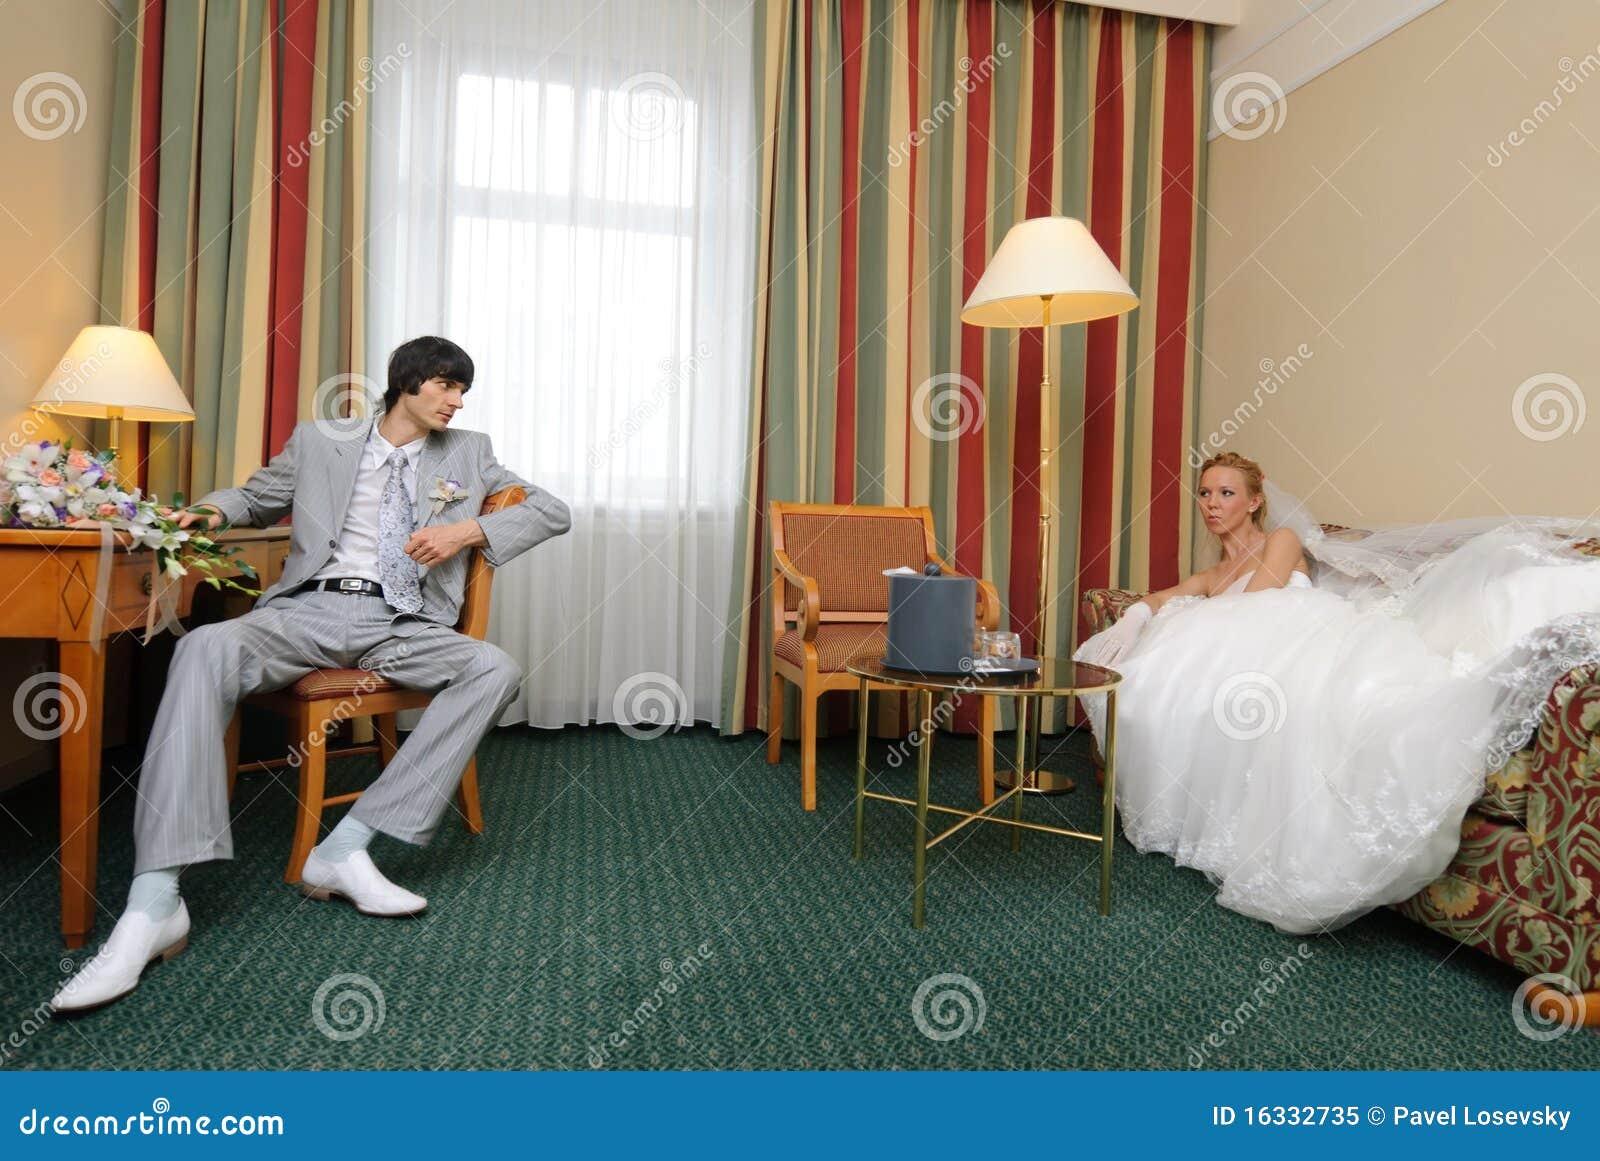 молодожены ебутся в номере отеля это